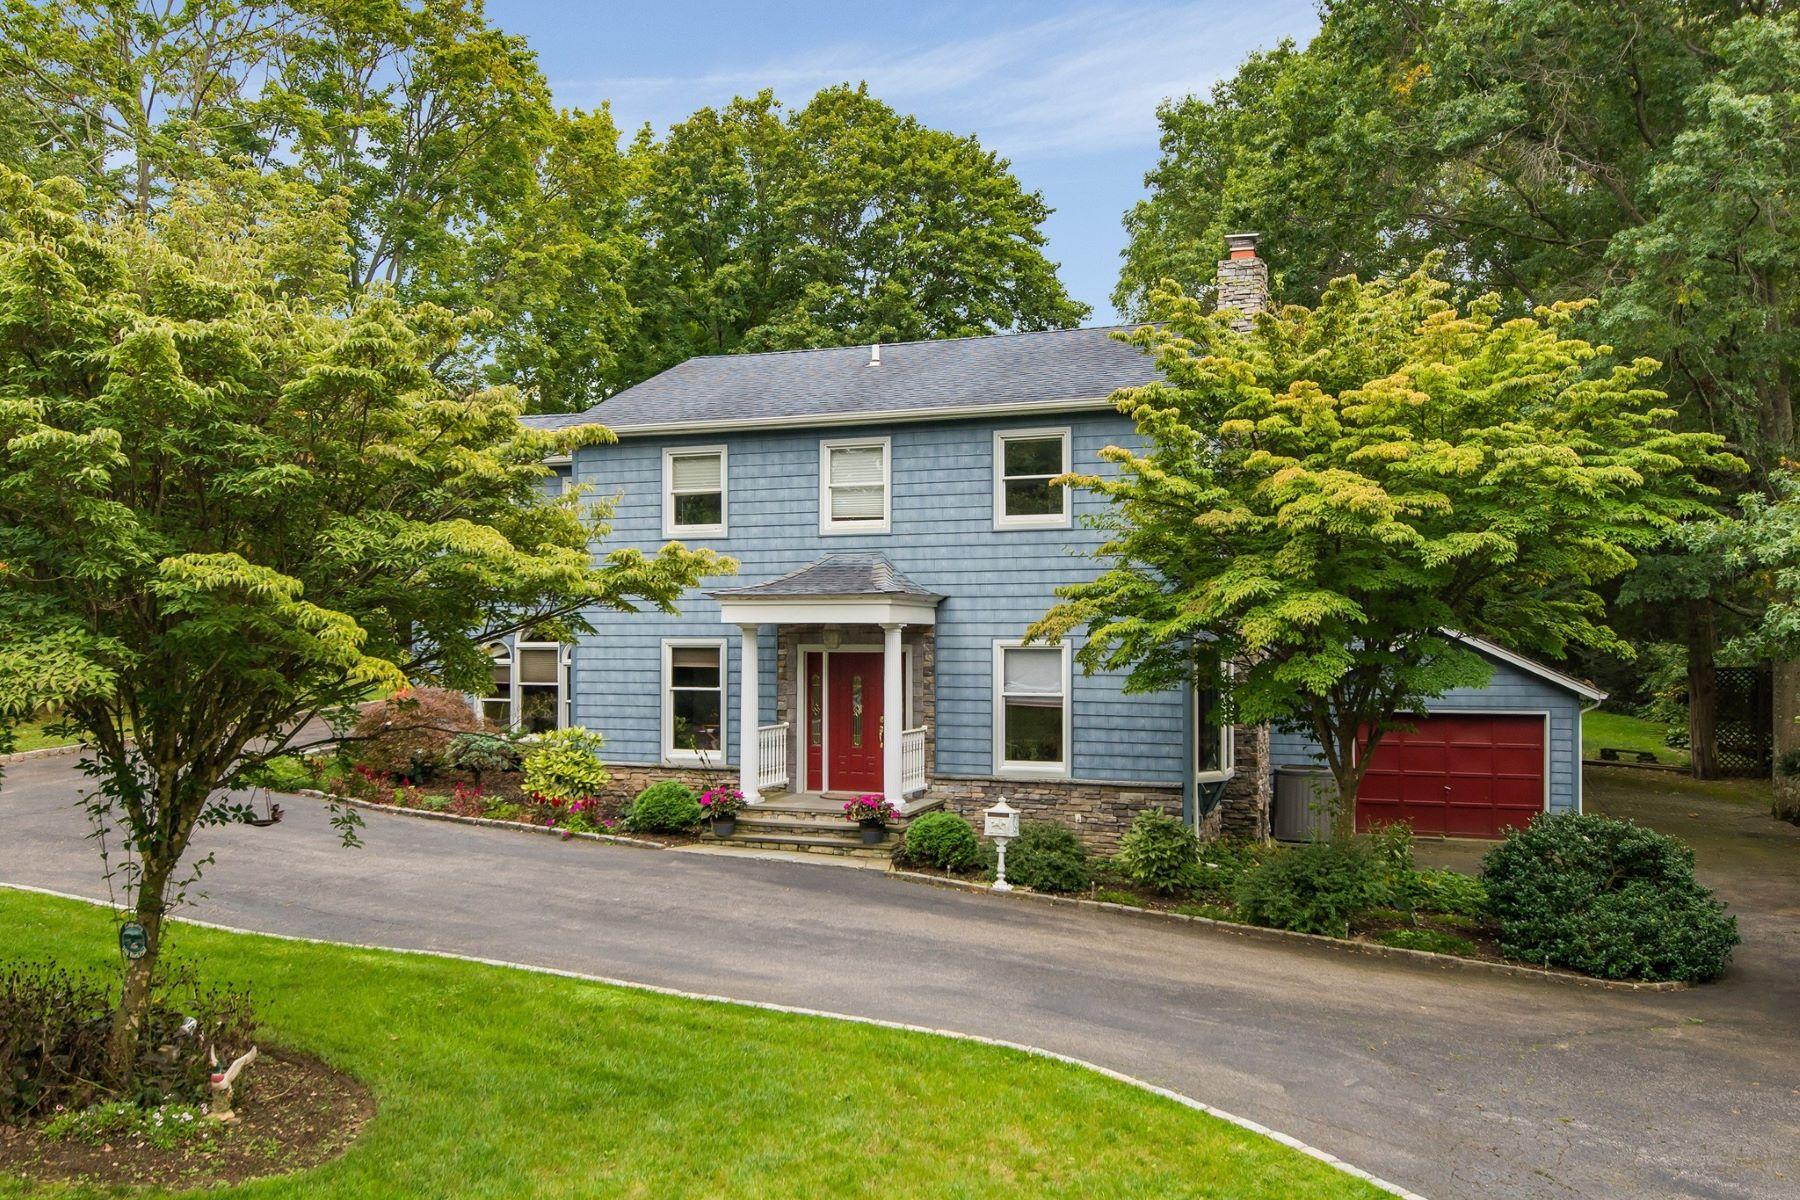 Частный односемейный дом для того Продажа на 200 Duck Pond Rd , Glen Cove, NY 11542 200 Duck Pond Rd, Glen Cove, Нью-Йорк, 11542 Соединенные Штаты